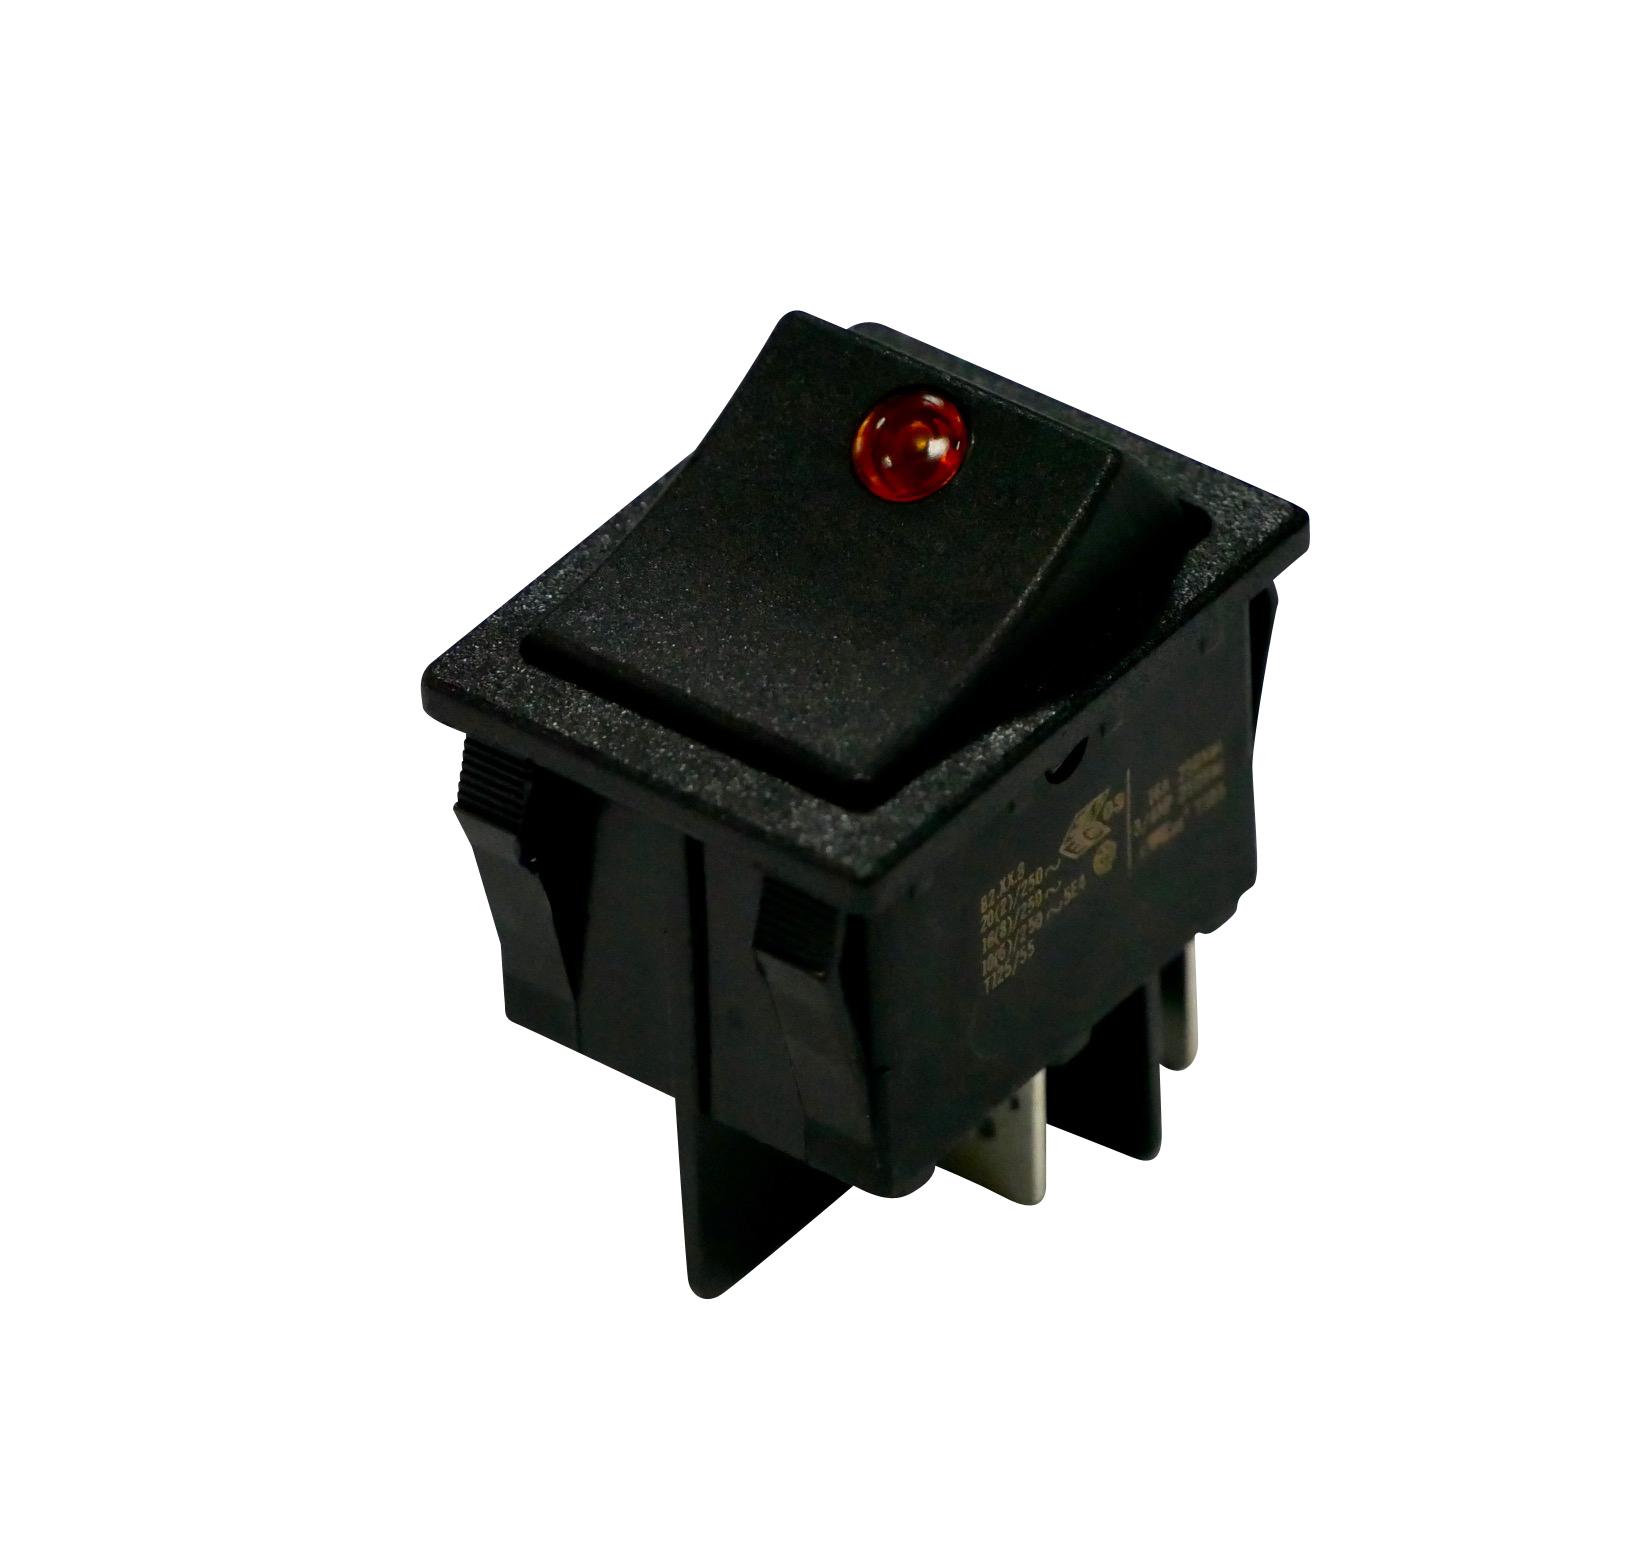 Interrupteur à bascule lentille rouge corps noir, On-Off, lumineux, 250V